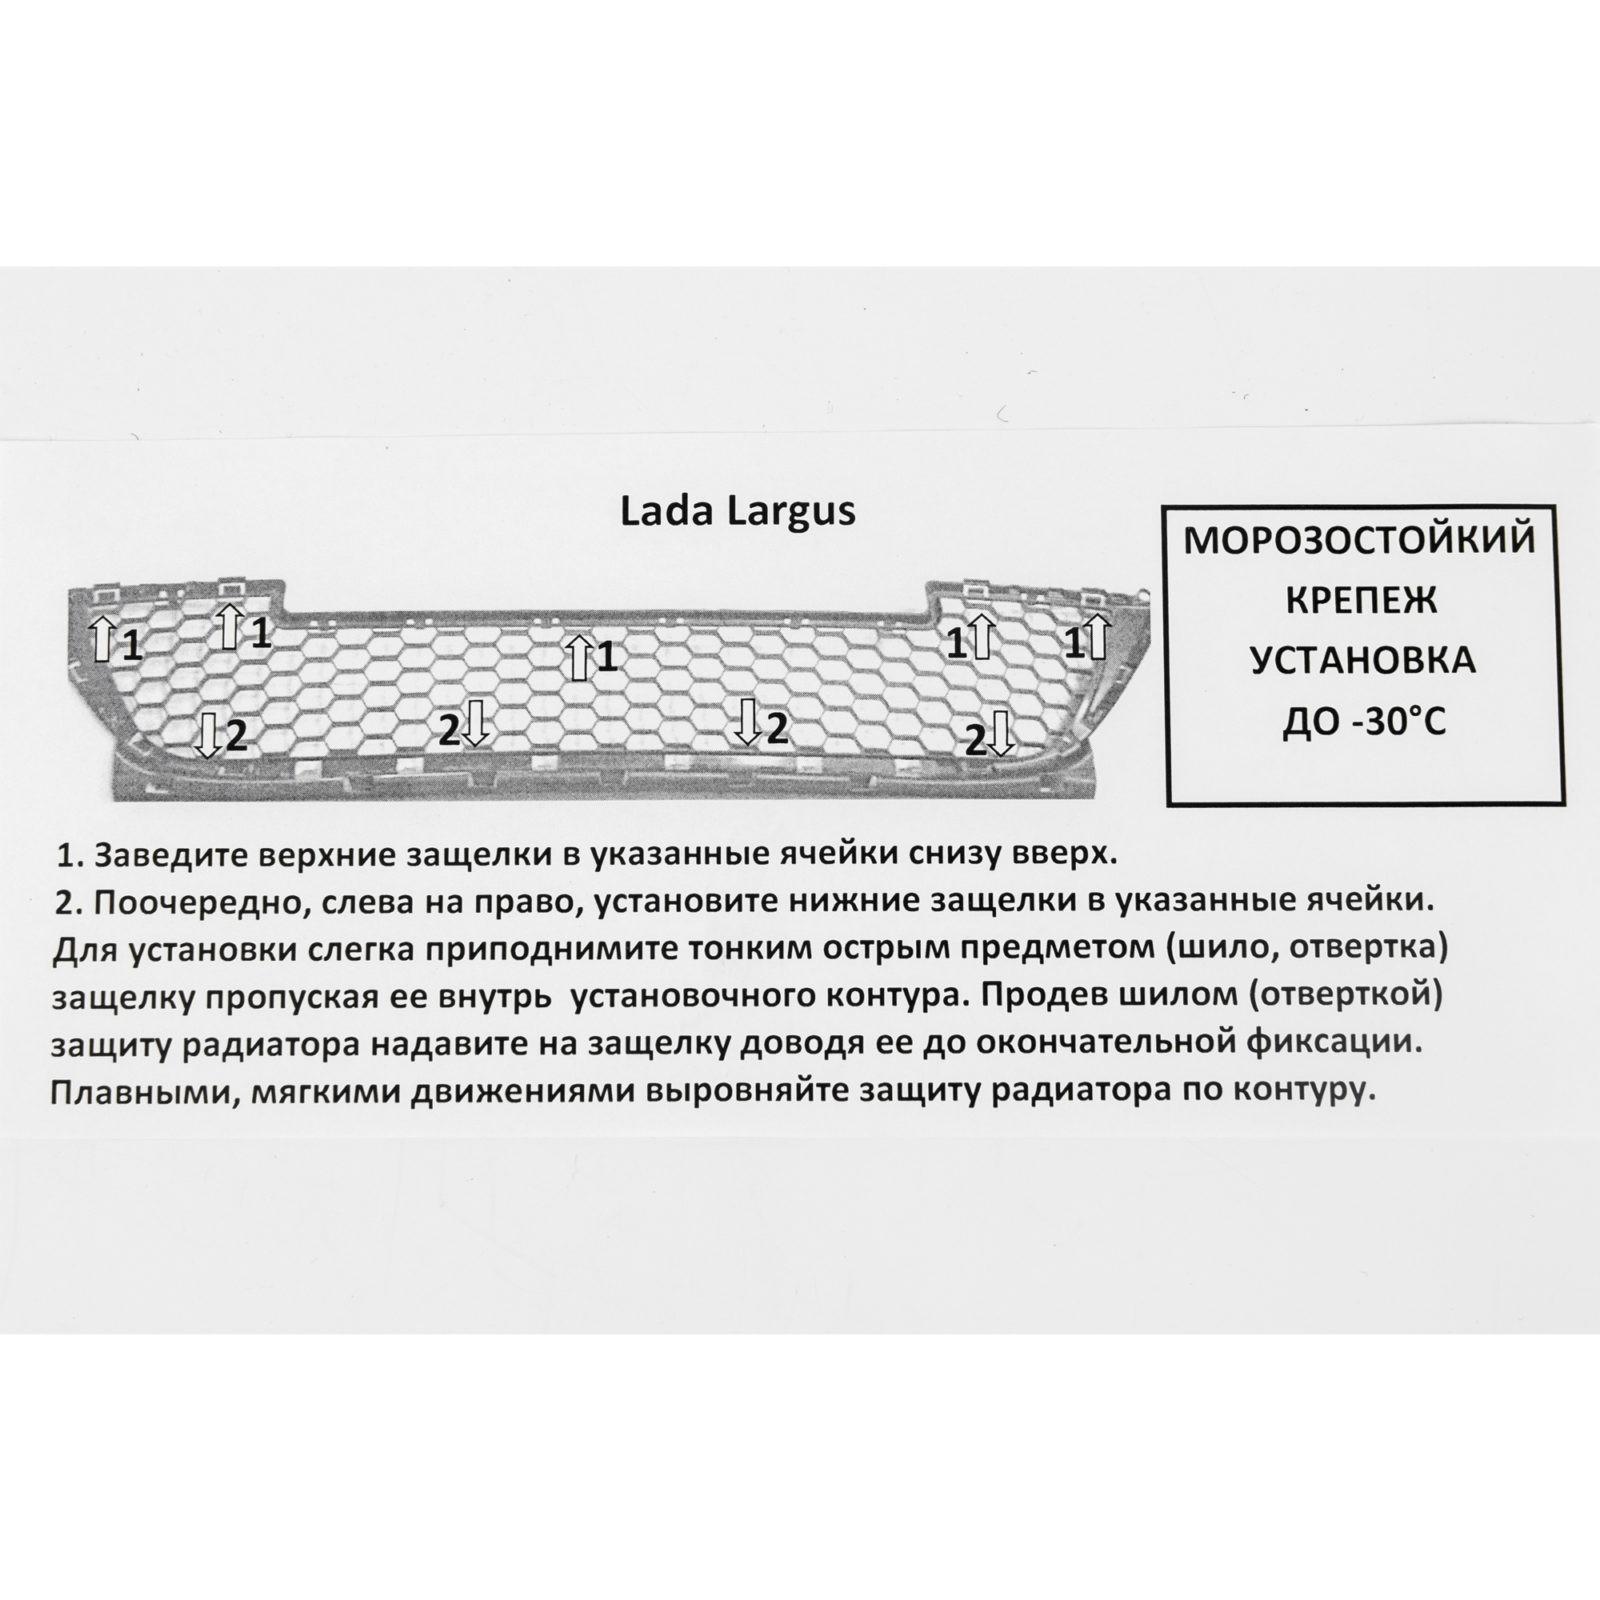 Защита радиатора для LADA Largus, black низ